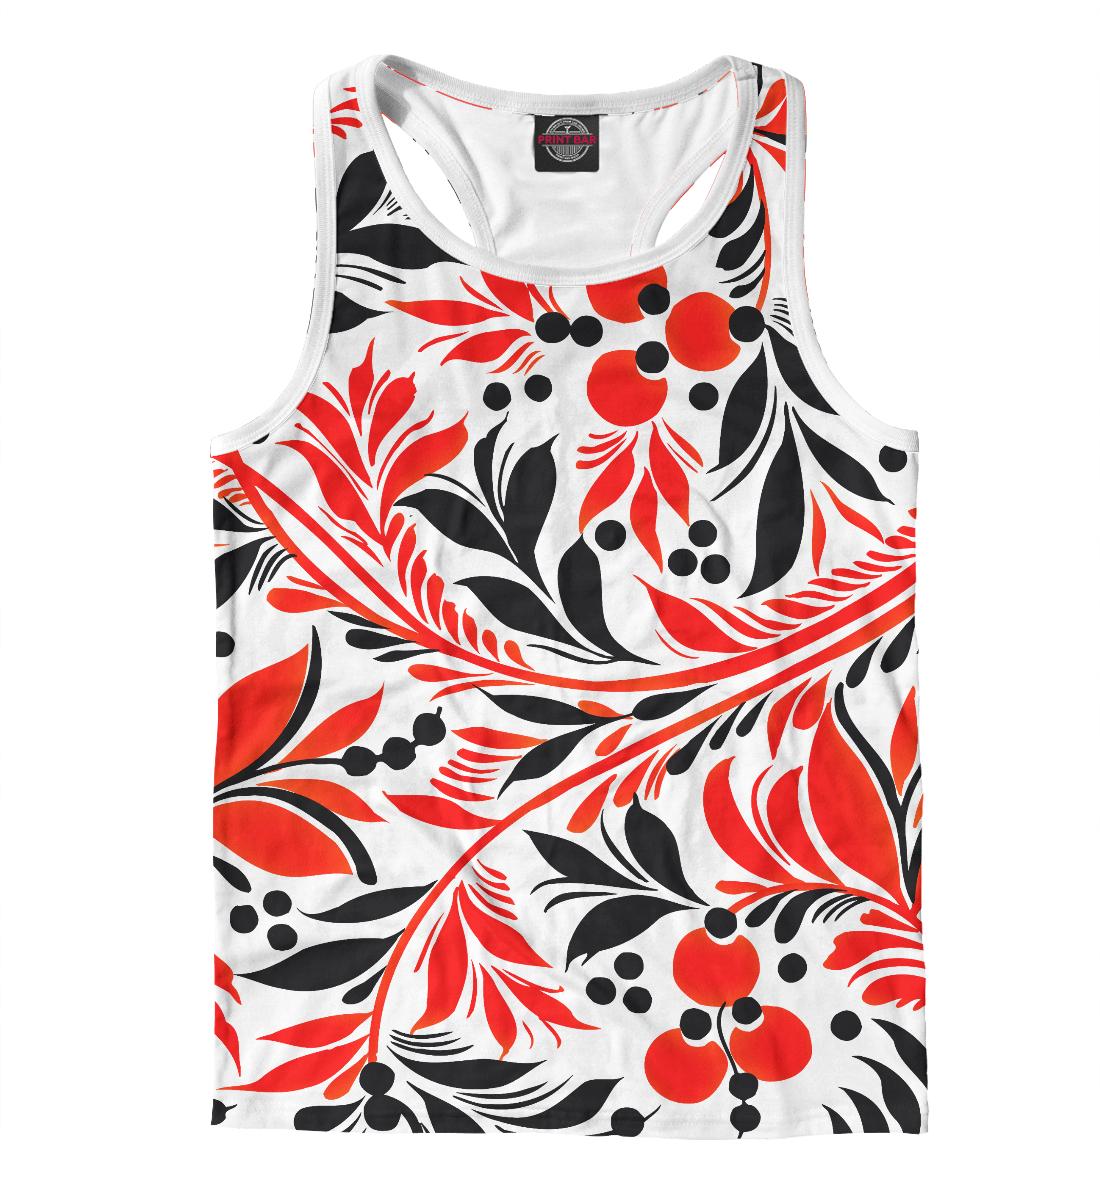 Купить Black&Red pattern, Printbar, Майки борцовки, ABS-483126-mayb-2